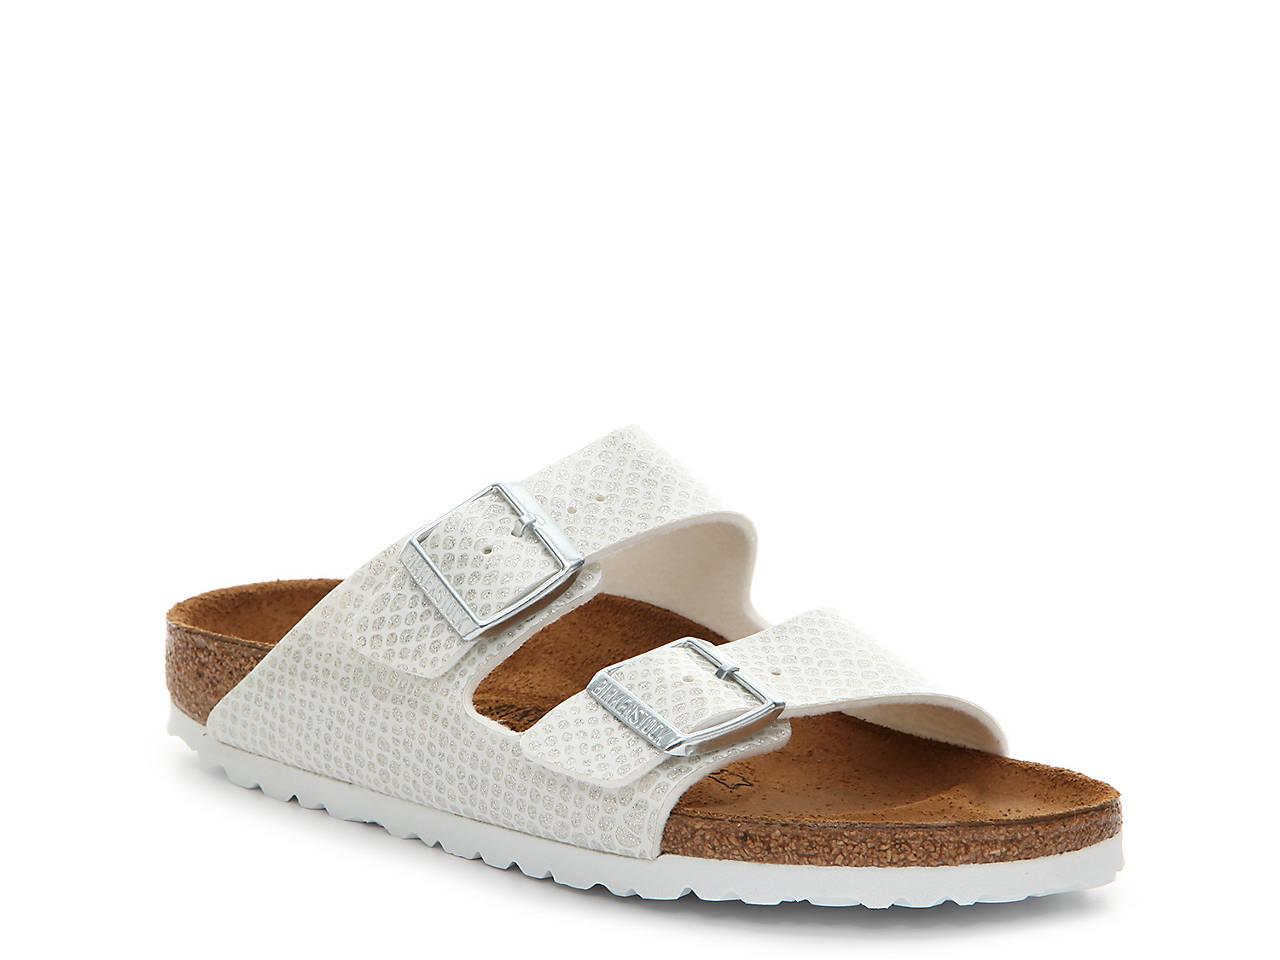 75a0a6998f5f Birkenstock Arizona Sandal - Women's Women's Shoes | DSW